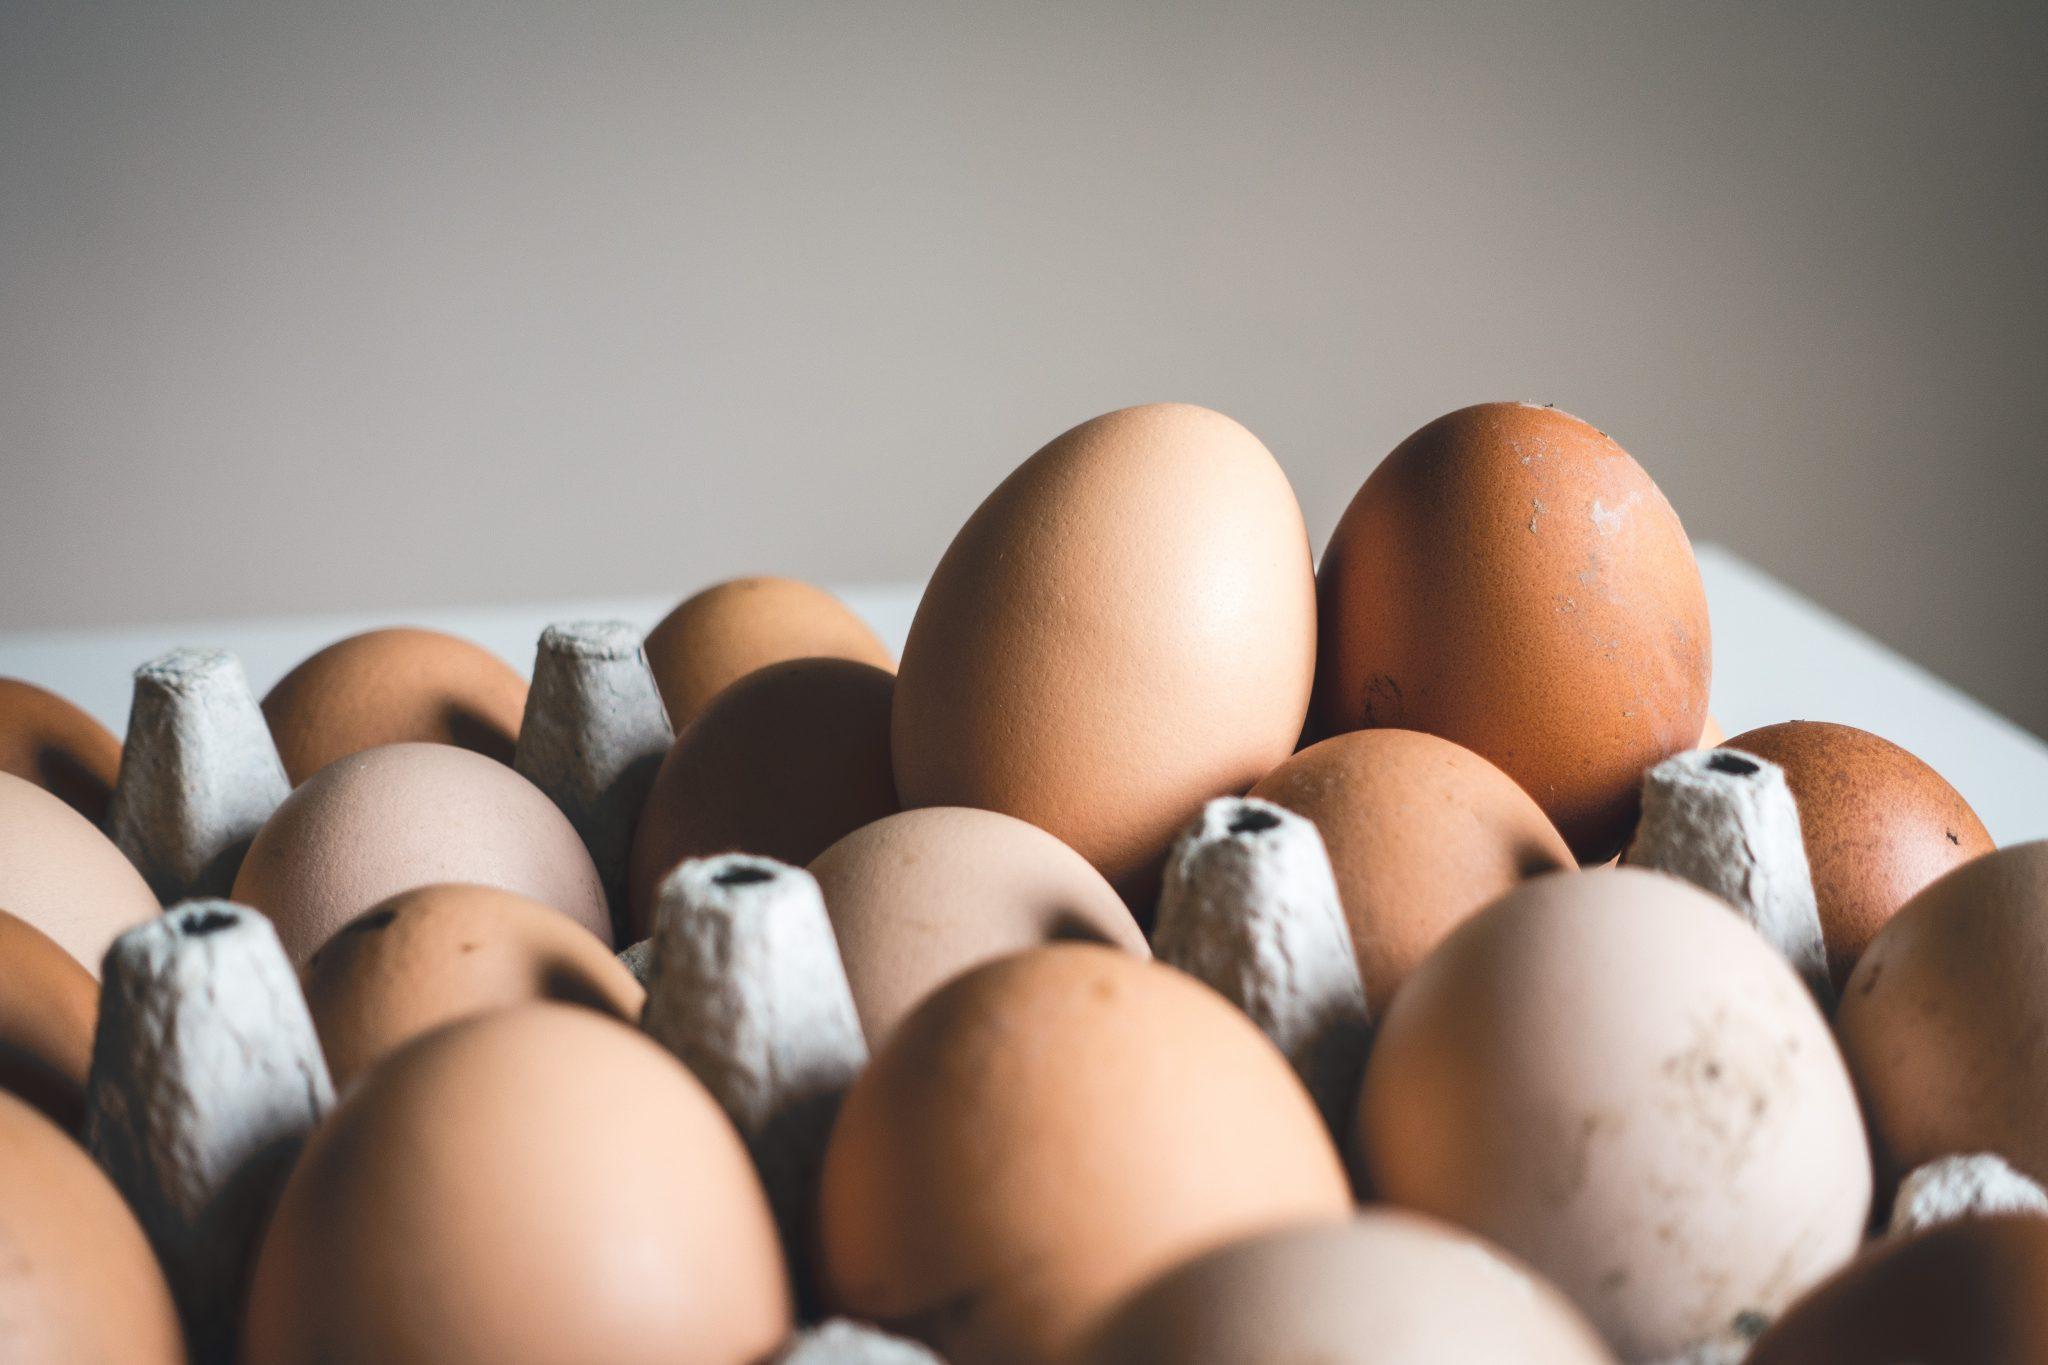 Eggs, a natural sleep aid?